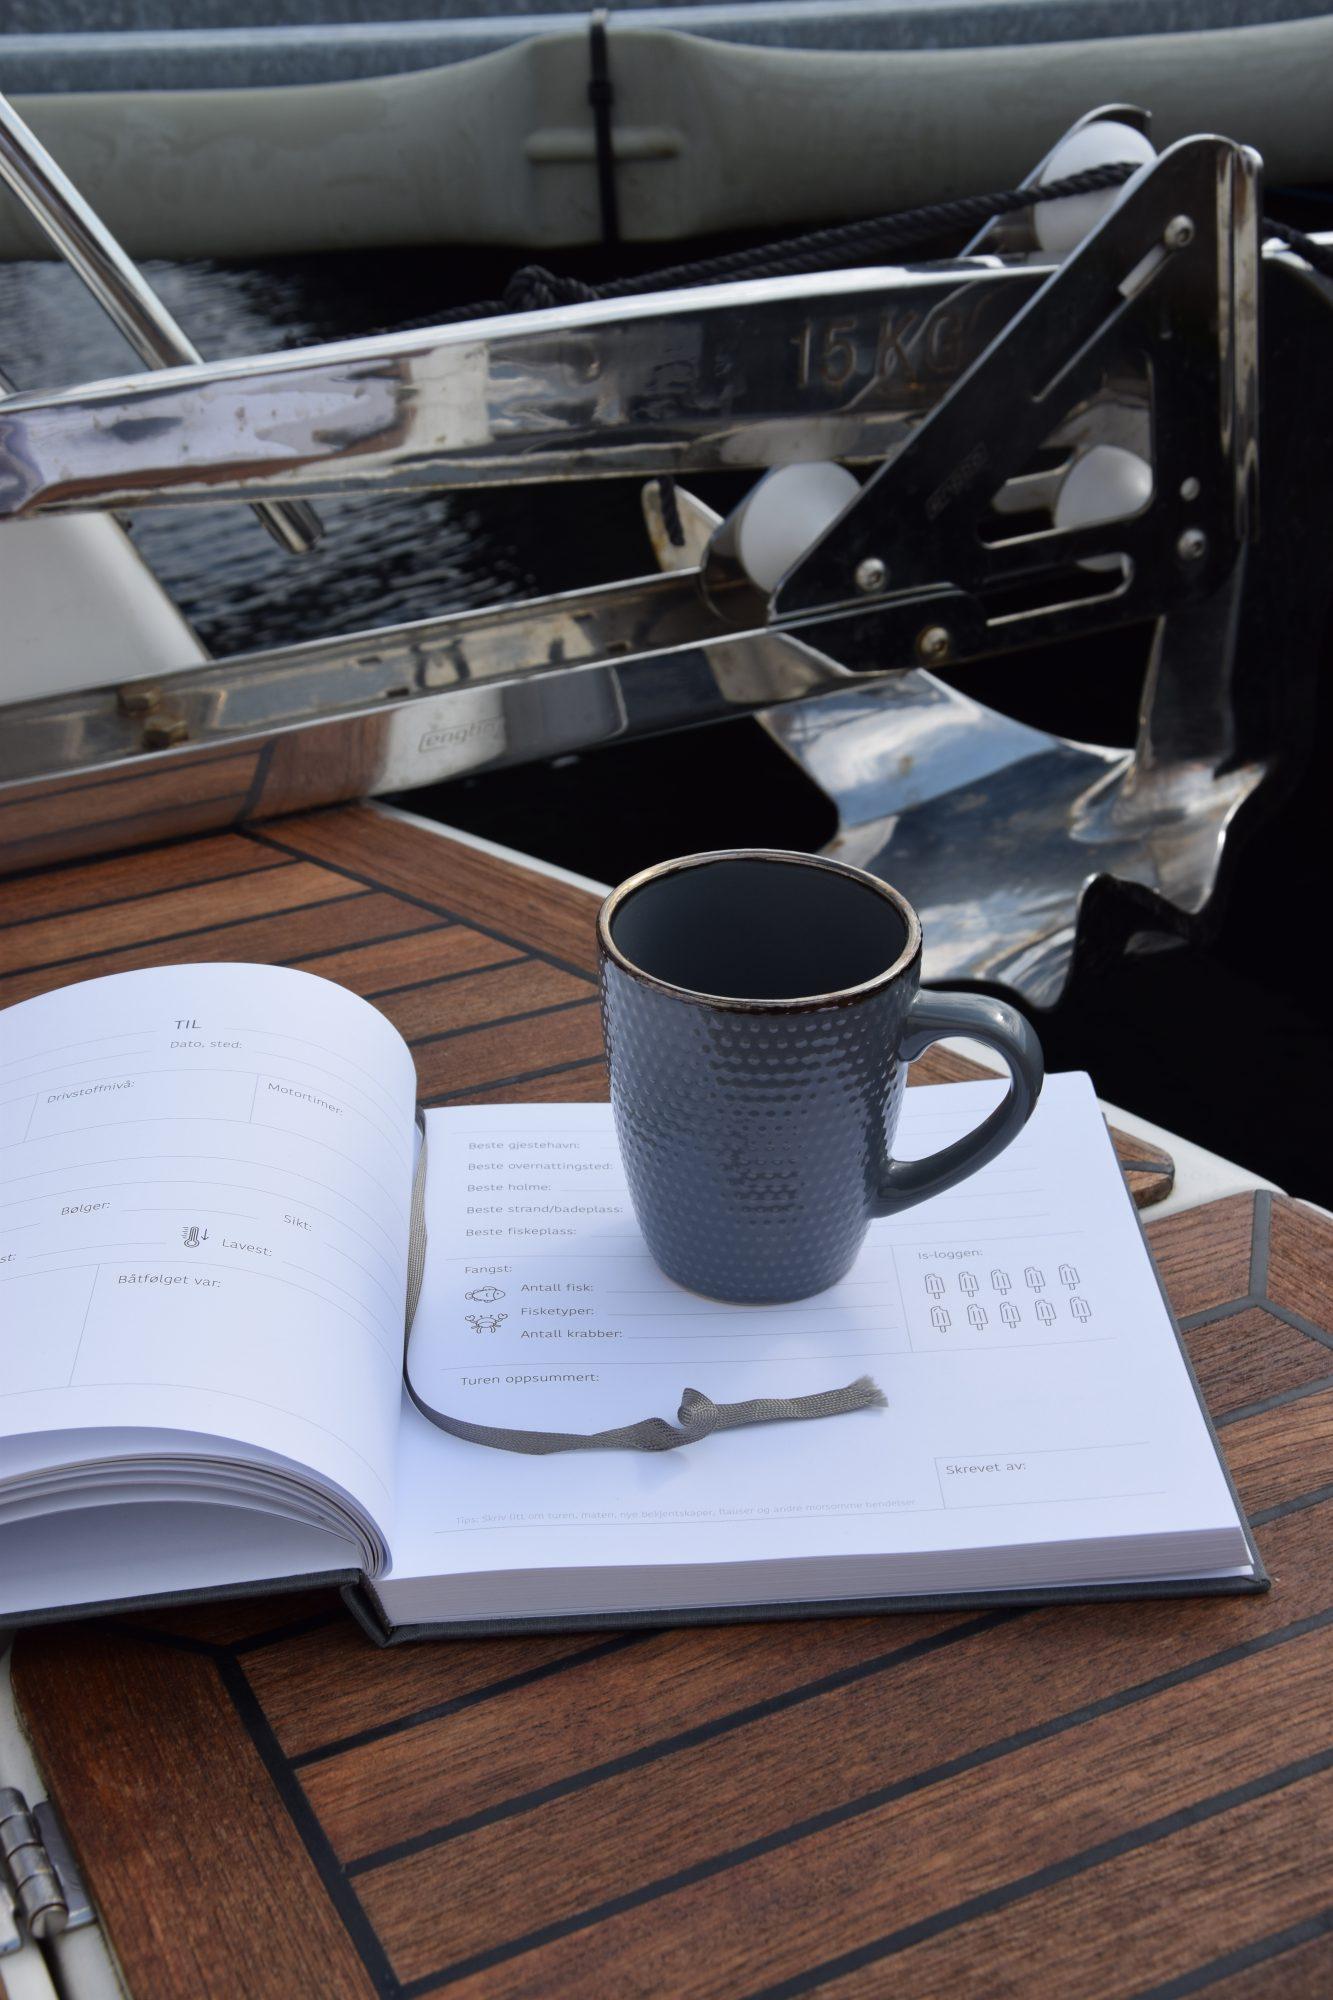 Friske opp båten etter sommerferien – her er fire gode tips!